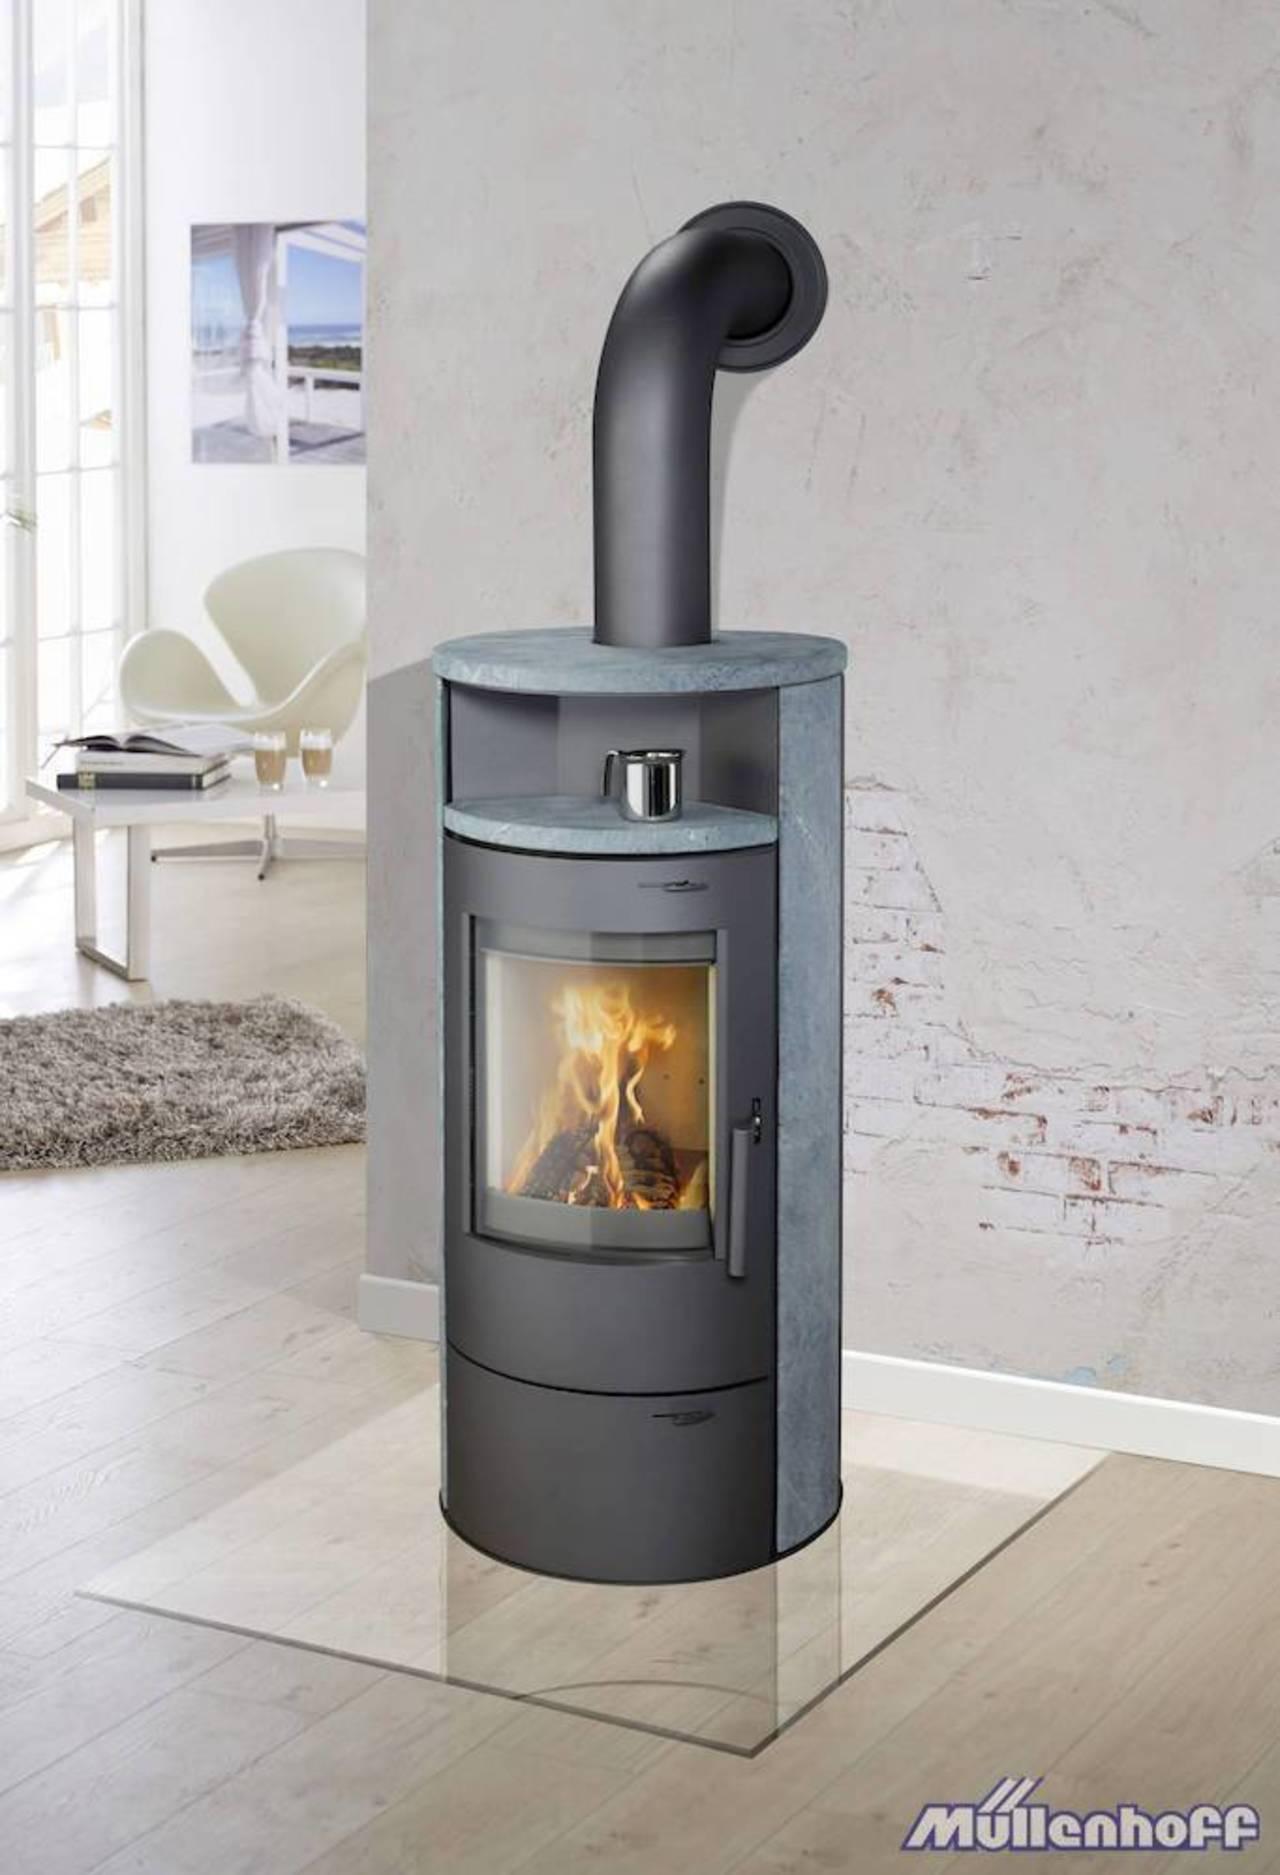 thermia kaminofen m nchen mit naturstein 7 kw dauerbrand automatik ofen ebay. Black Bedroom Furniture Sets. Home Design Ideas